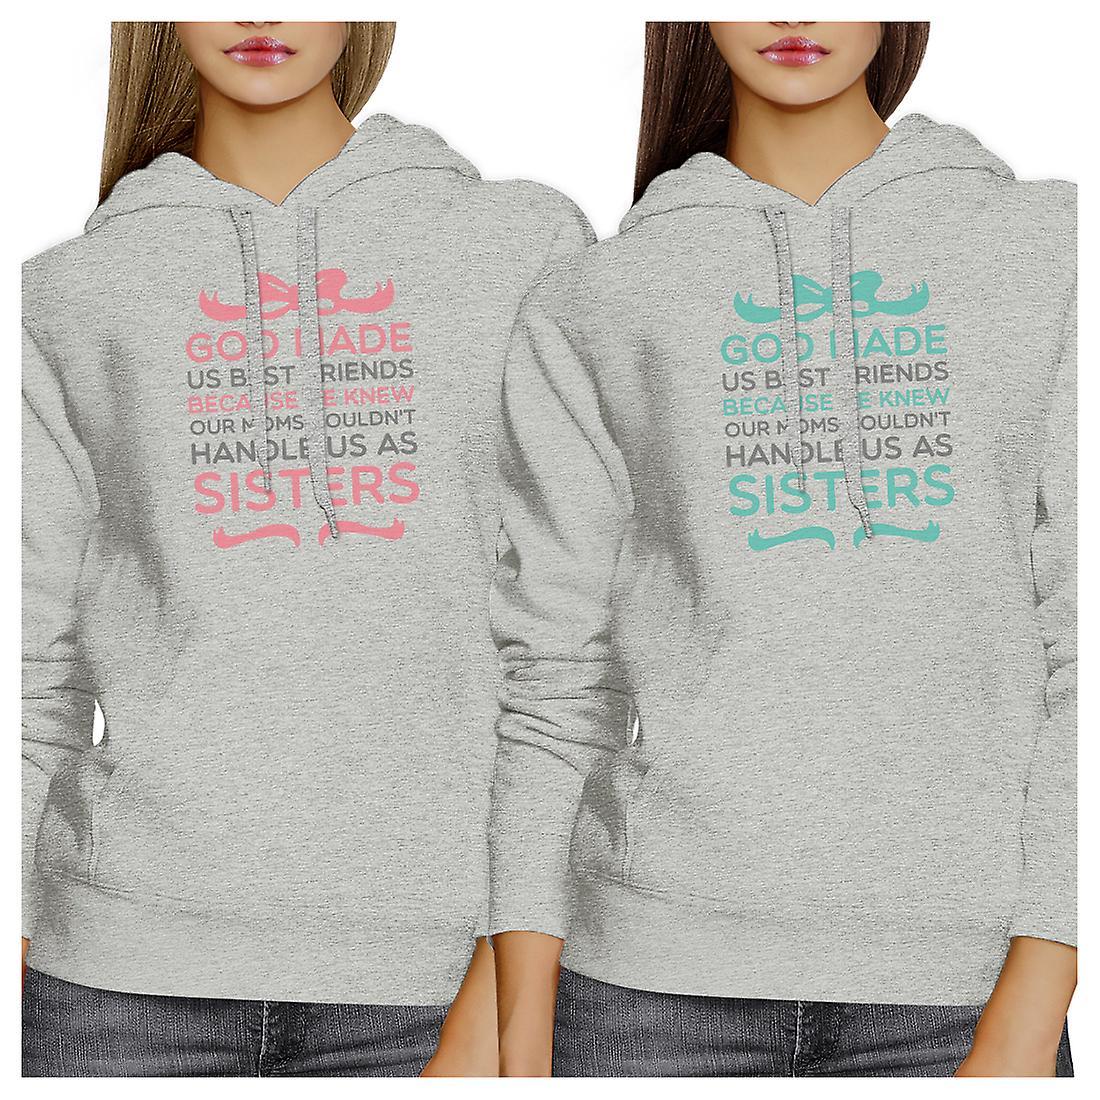 Gott hat uns BFF Pullover Hoodies passende Geschenk für Teenager ...